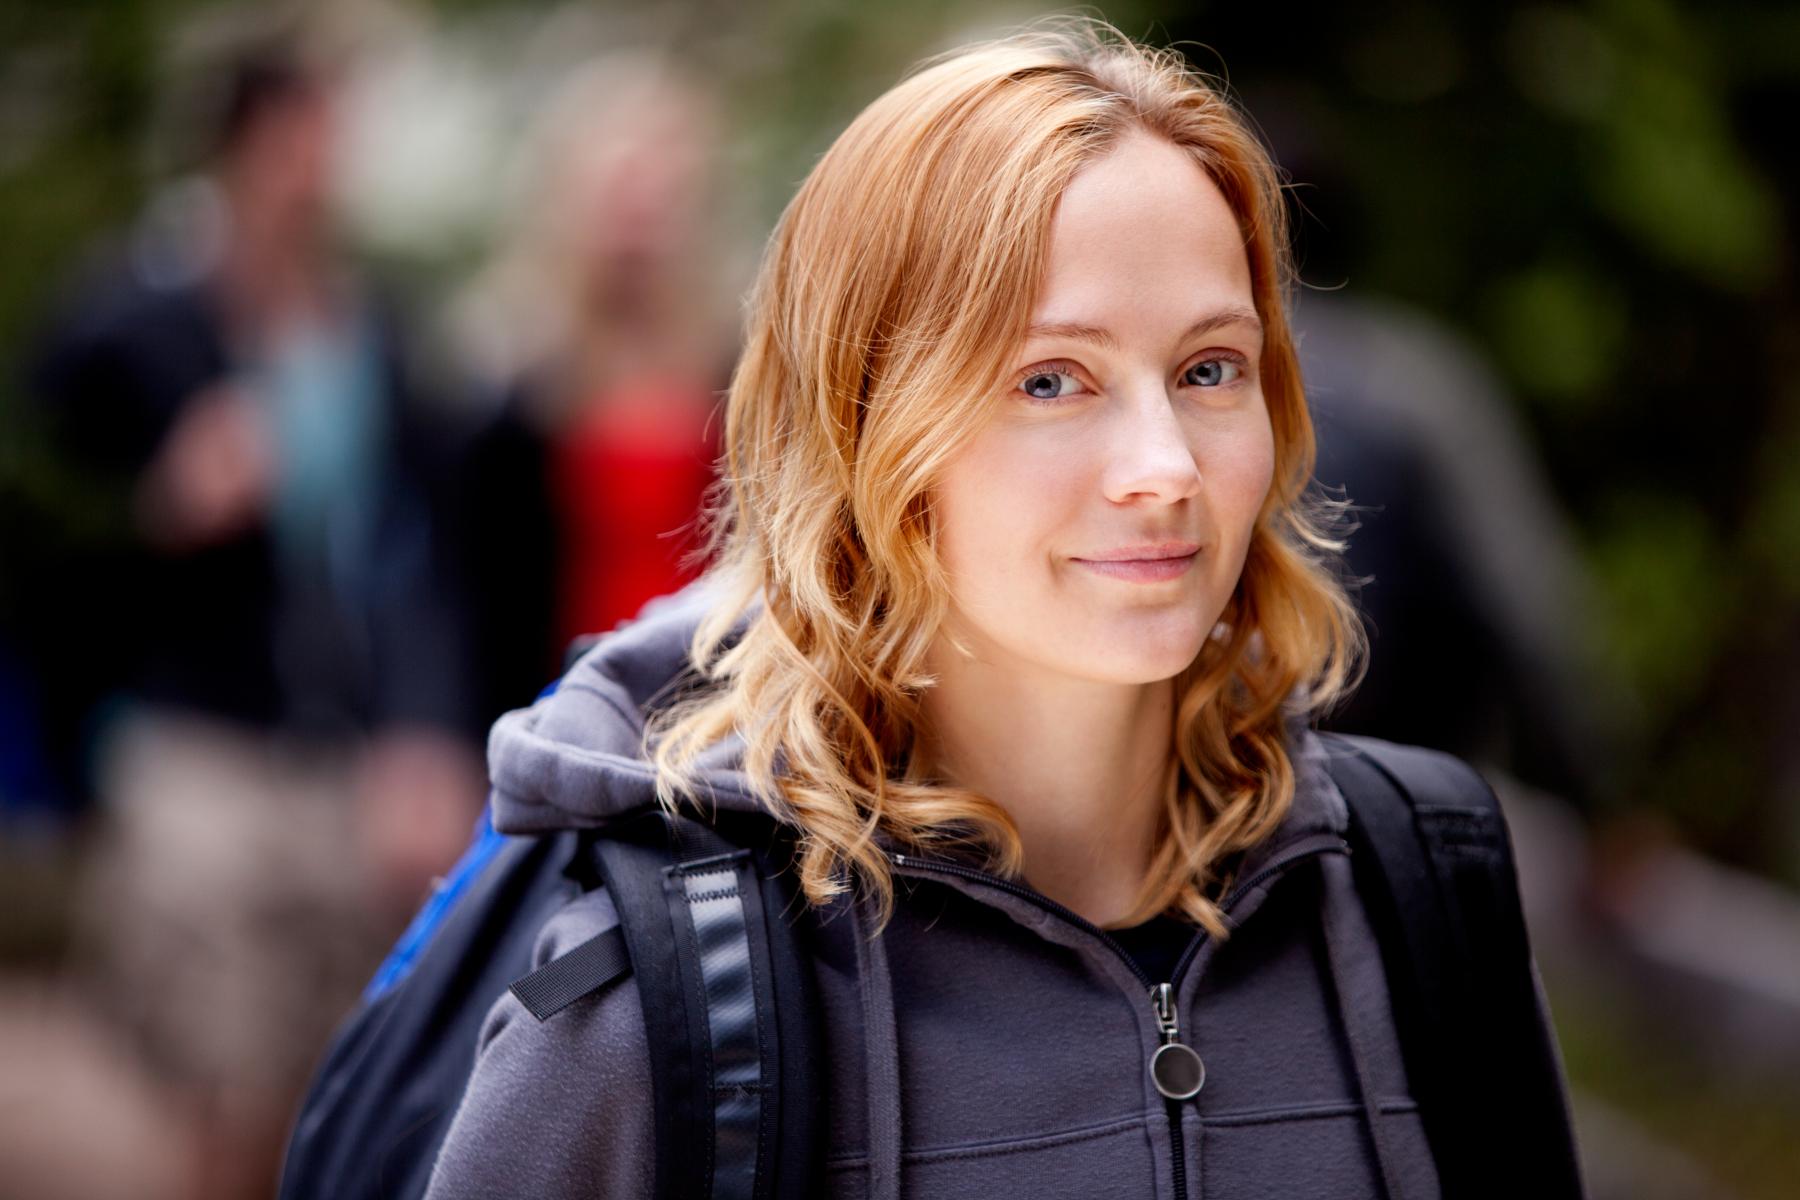 Illustrasjonsbilde av smilende kvinne på tur